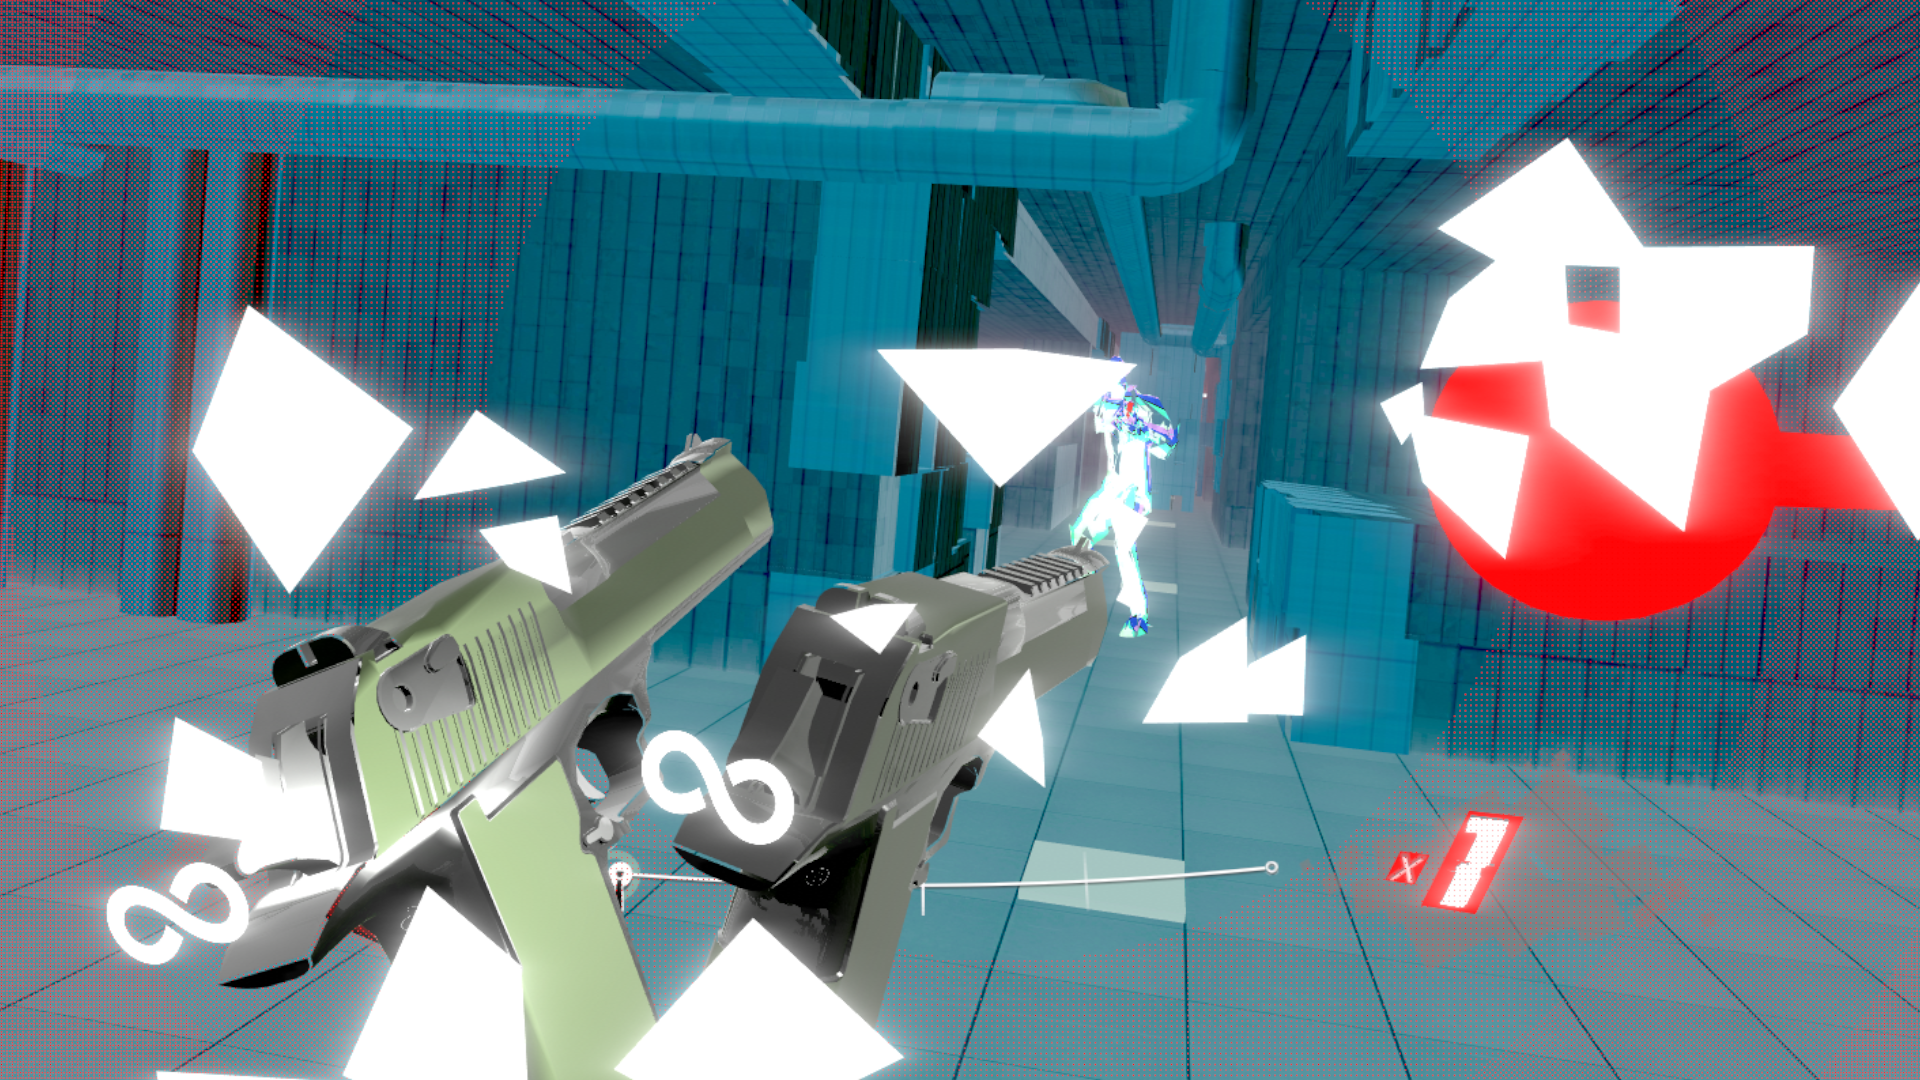 VRゲーム【Pistol Whip】はOculusQuest2などで遊べる!